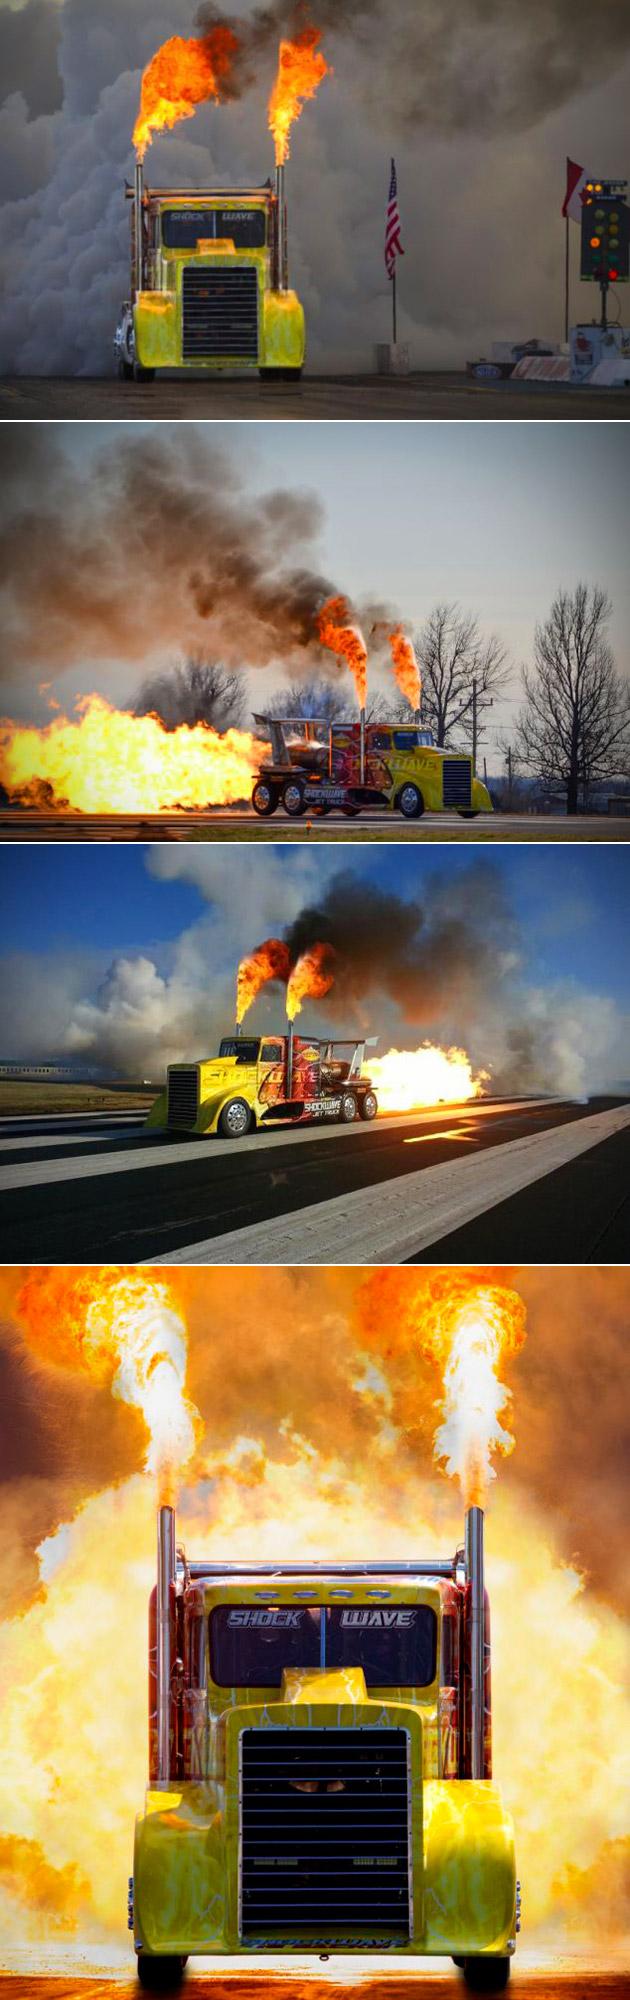 shockwave-fastest-jet-truck